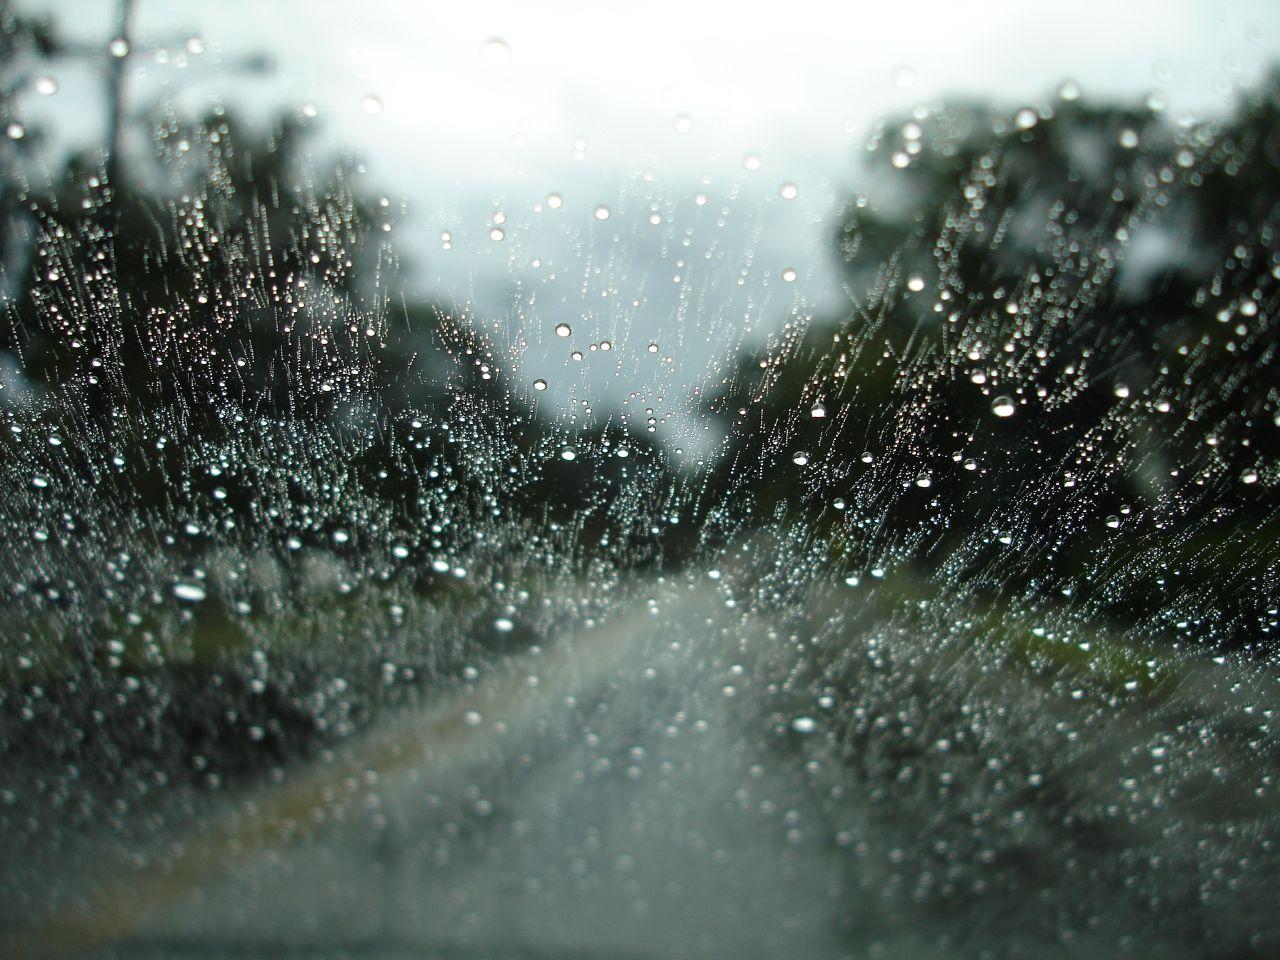 Rainy Pictures